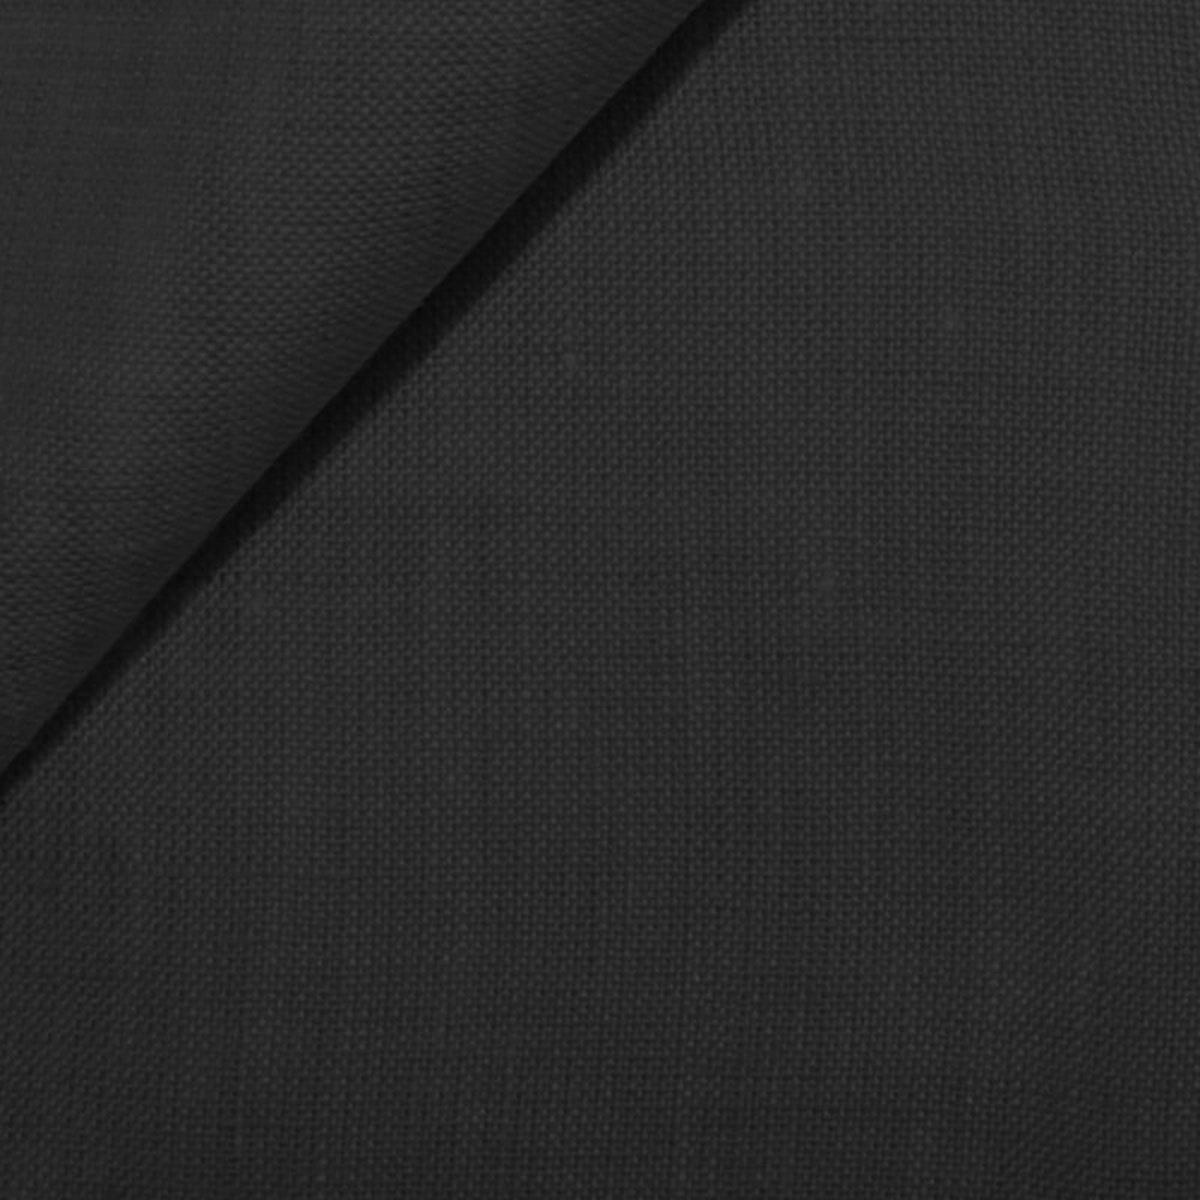 InStitchu Shirt Fabric 6326